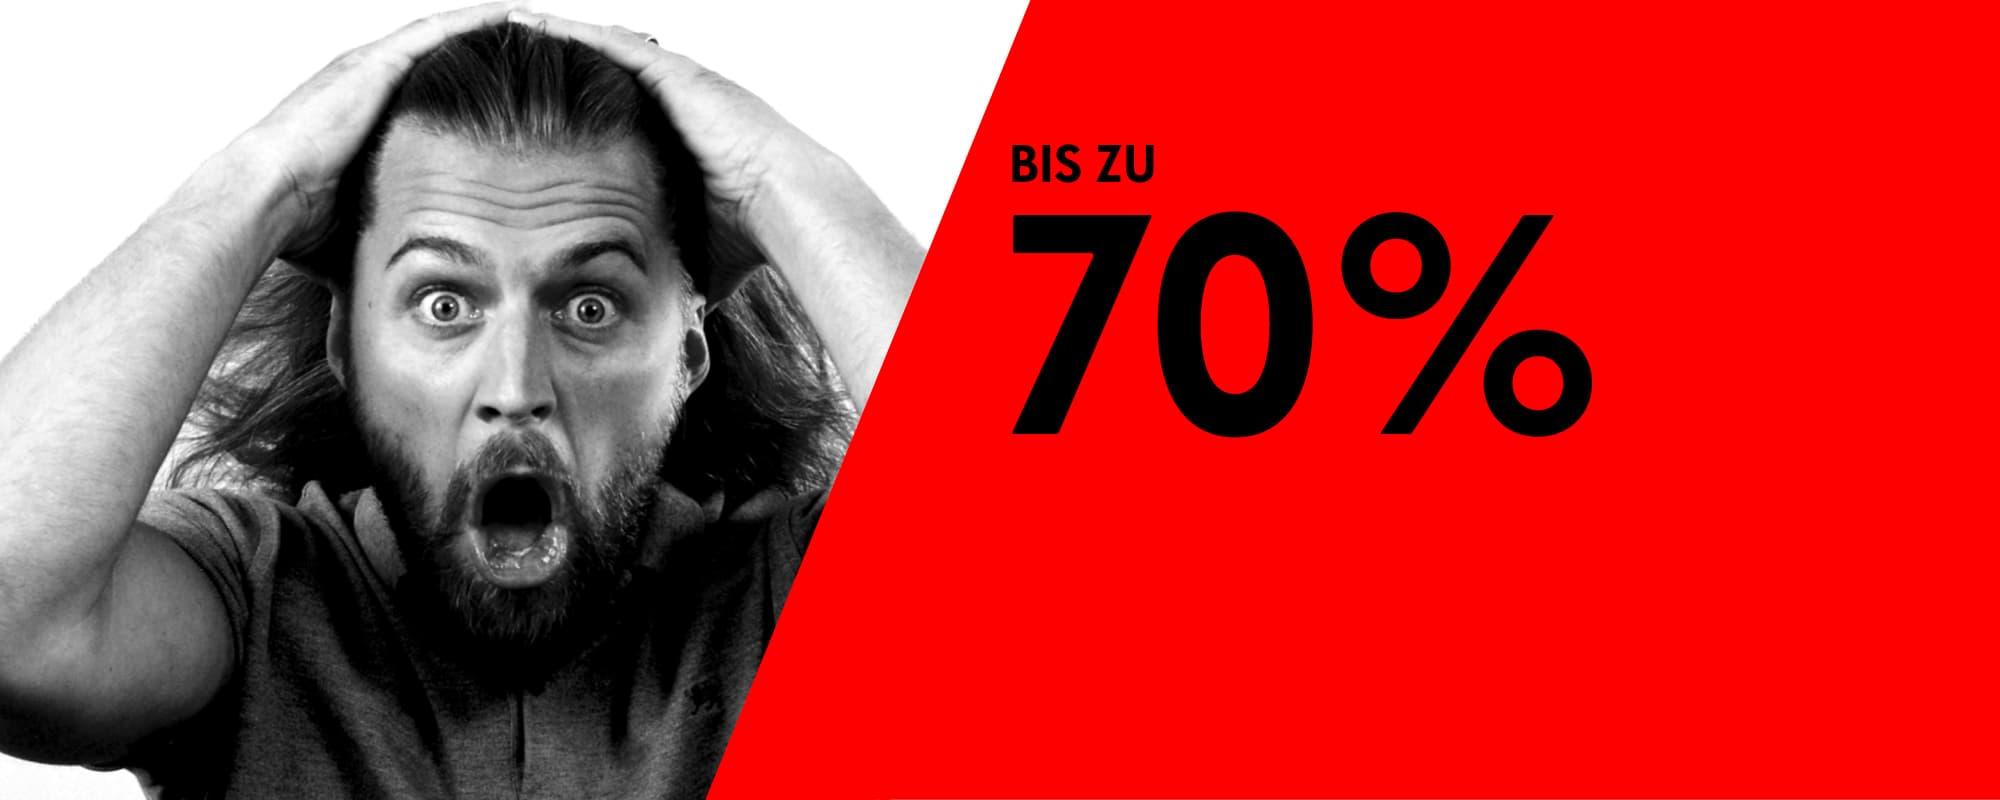 Bis 70% Rabatt